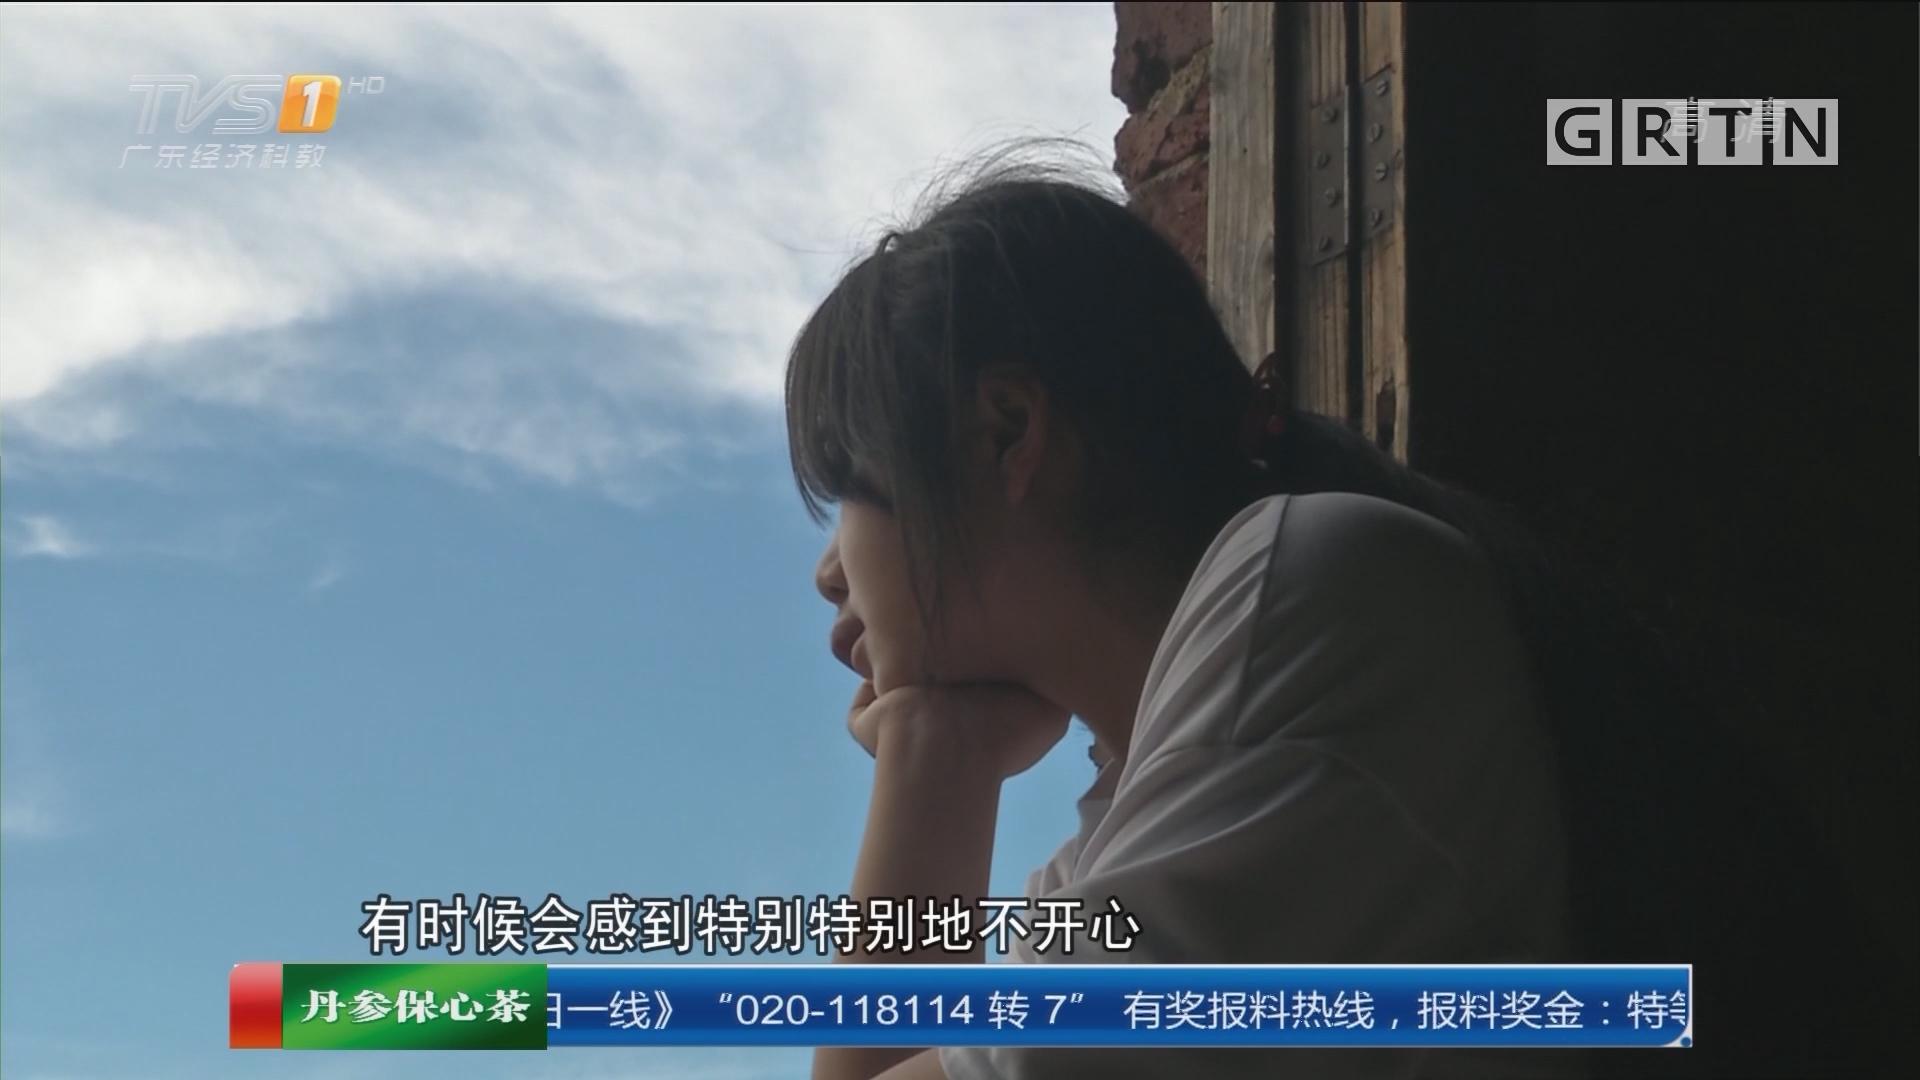 公益救助行动:少女被胎记困扰16年 幸获公益援助